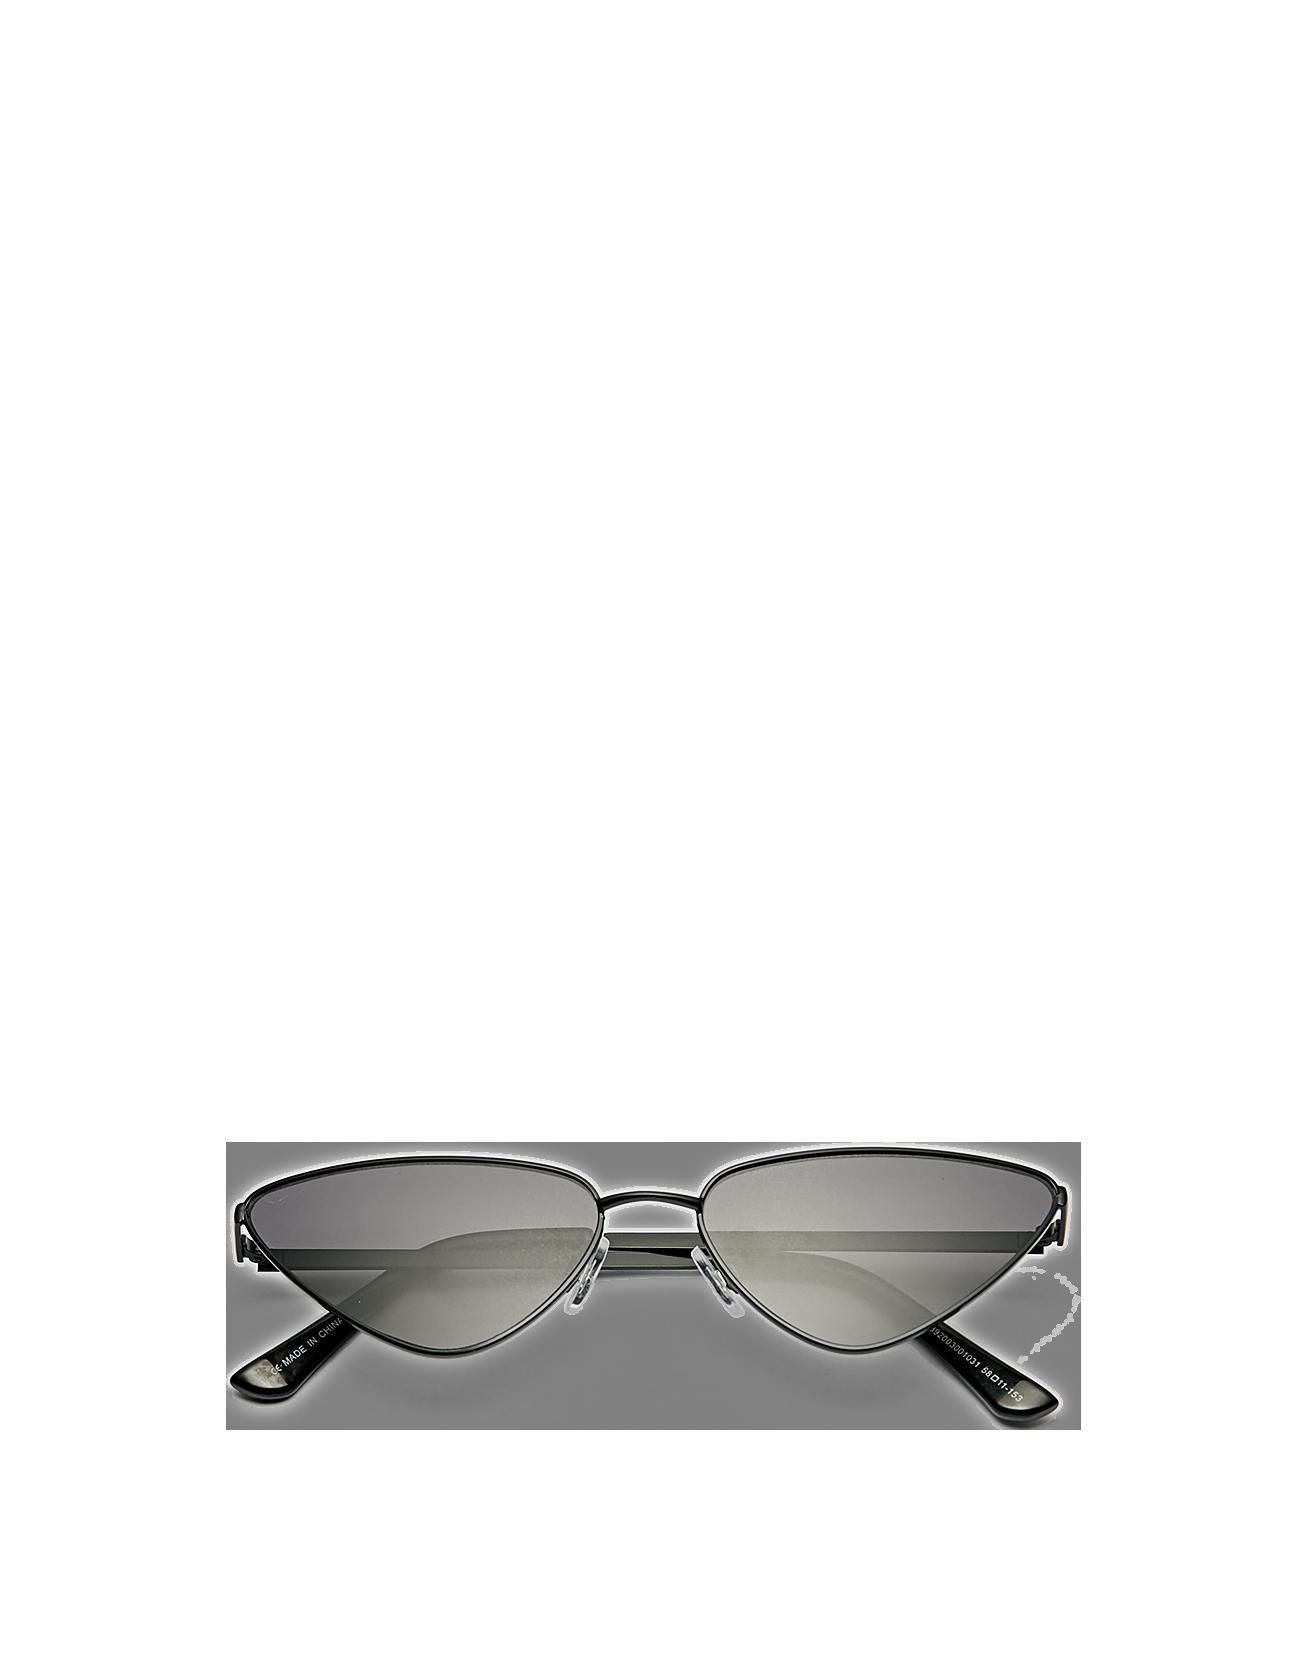 88a27dbab1 Gafas de sol con montura metálica y silueta de ojos de gato, de  stradivarius Dark